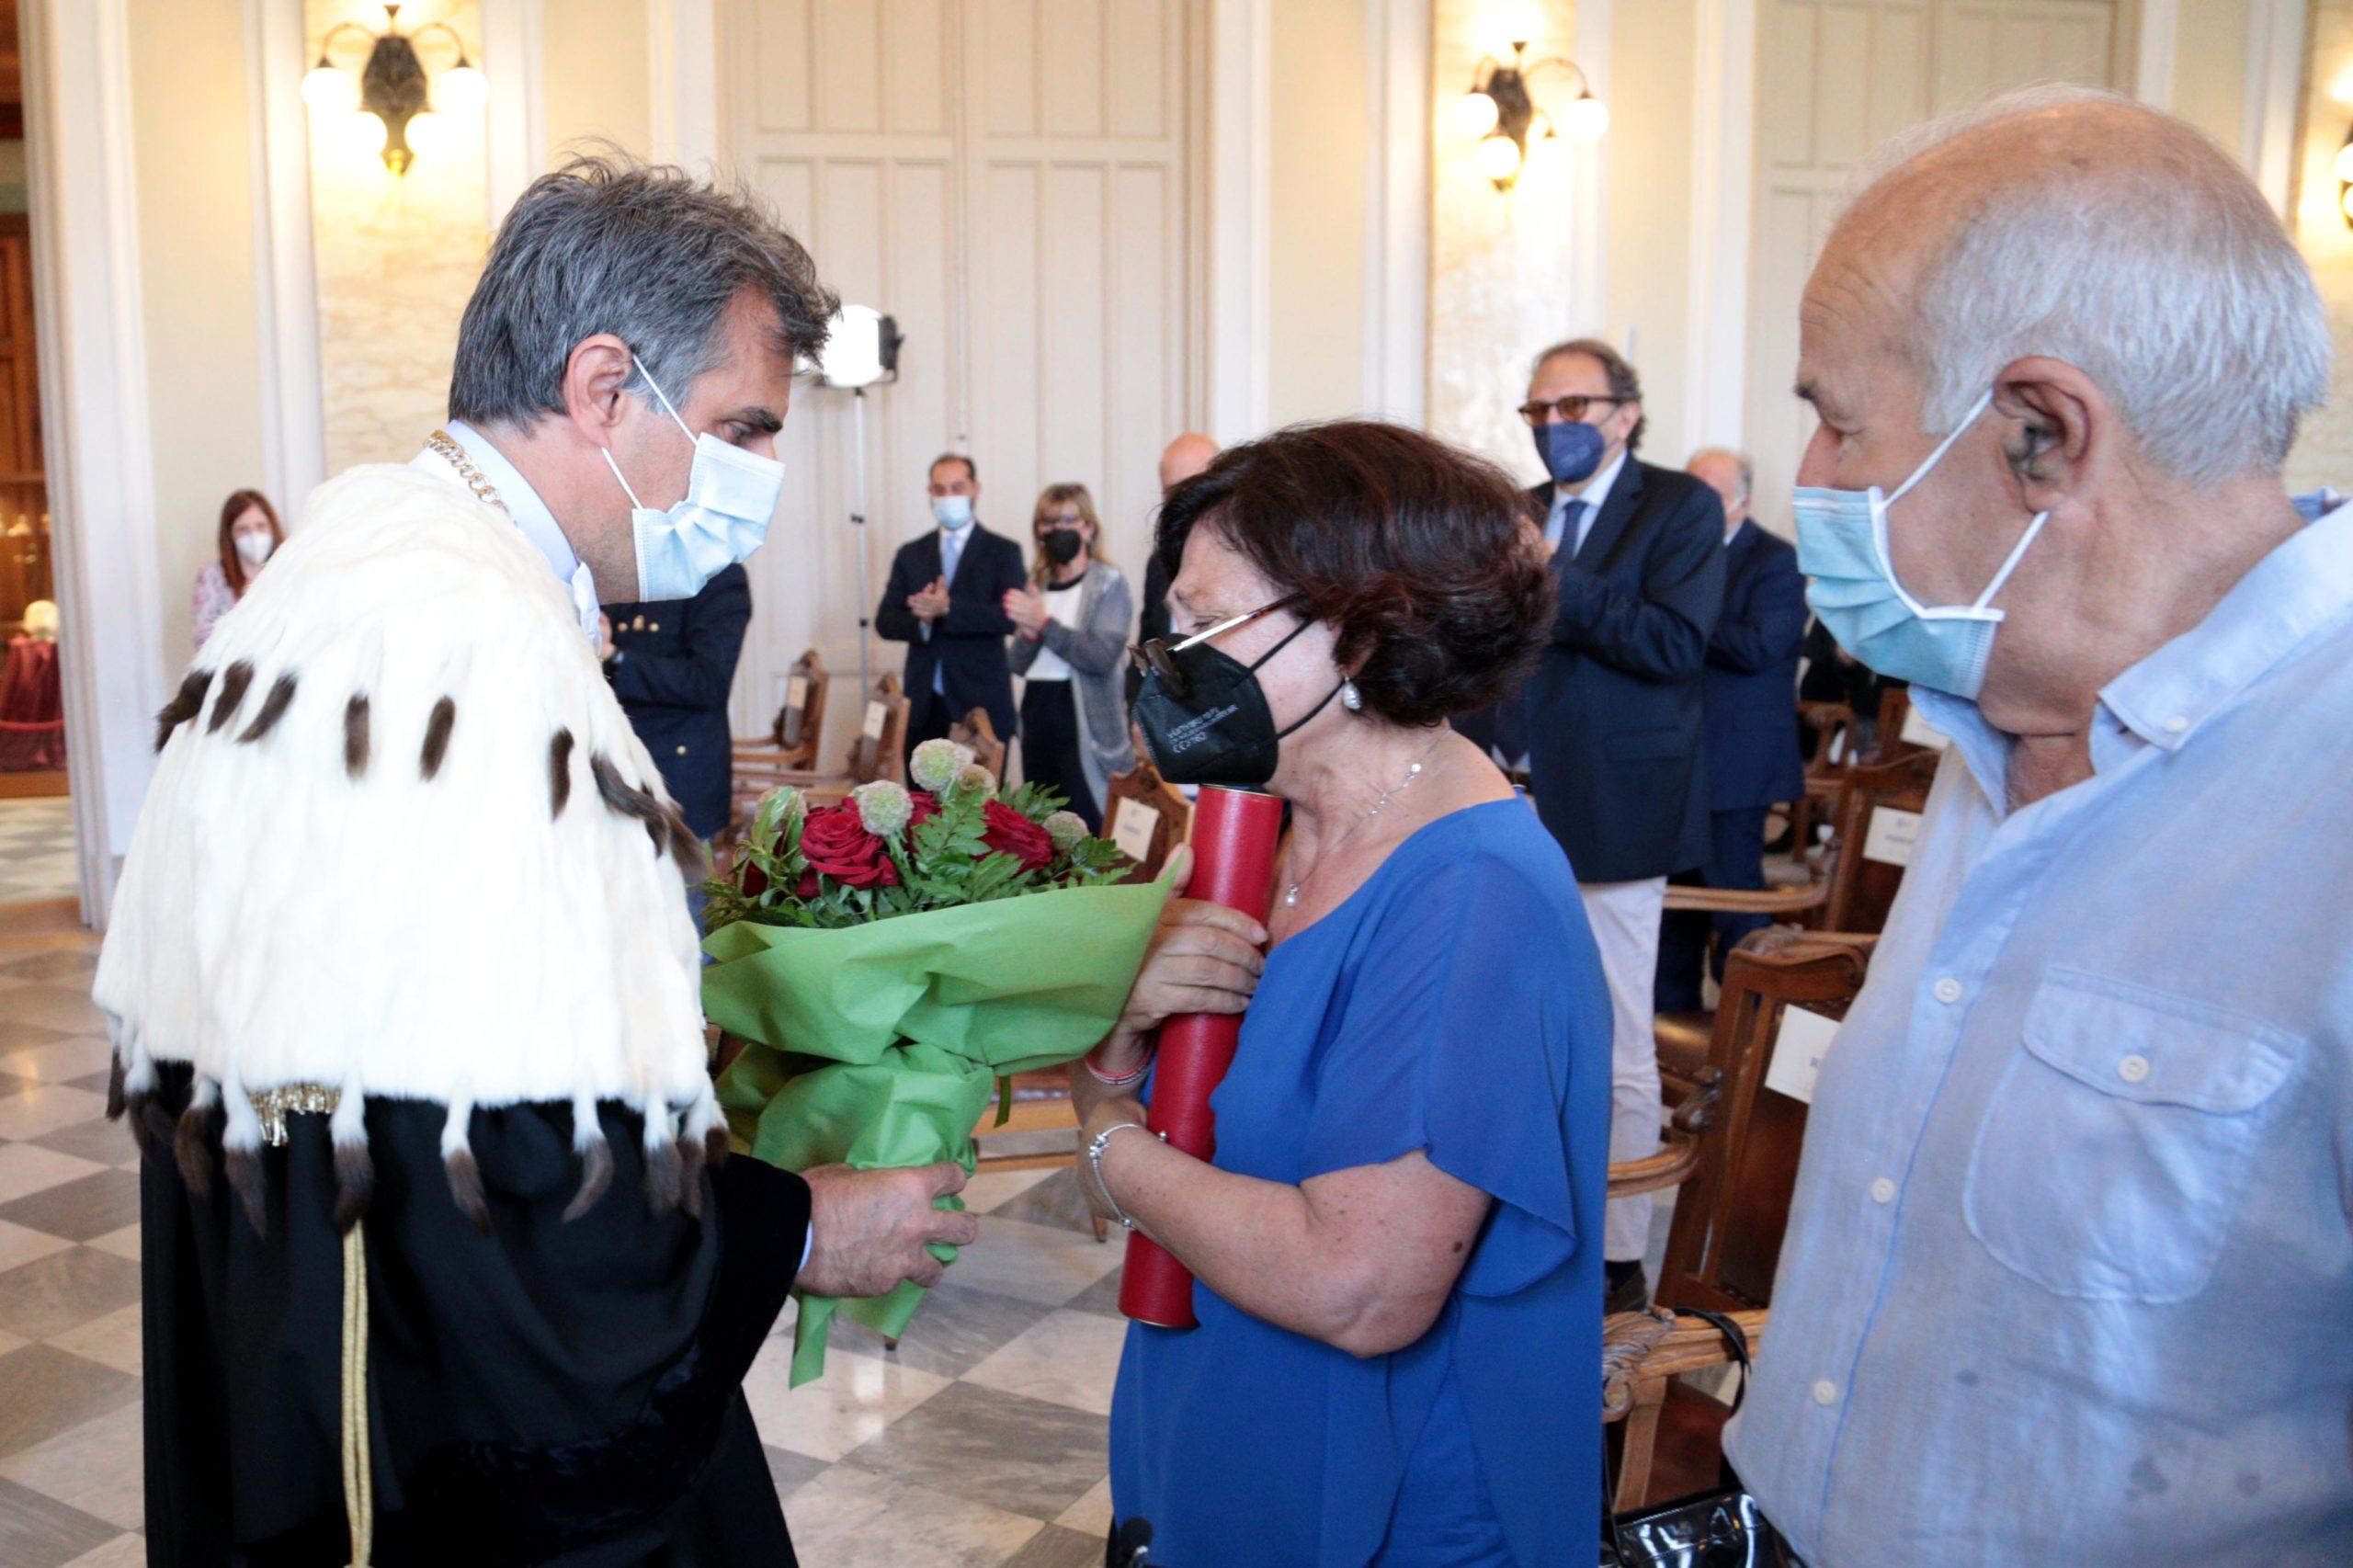 Consegnata in Aula Magna la pergamena di Laurea in ricordo di Lorena Mangano